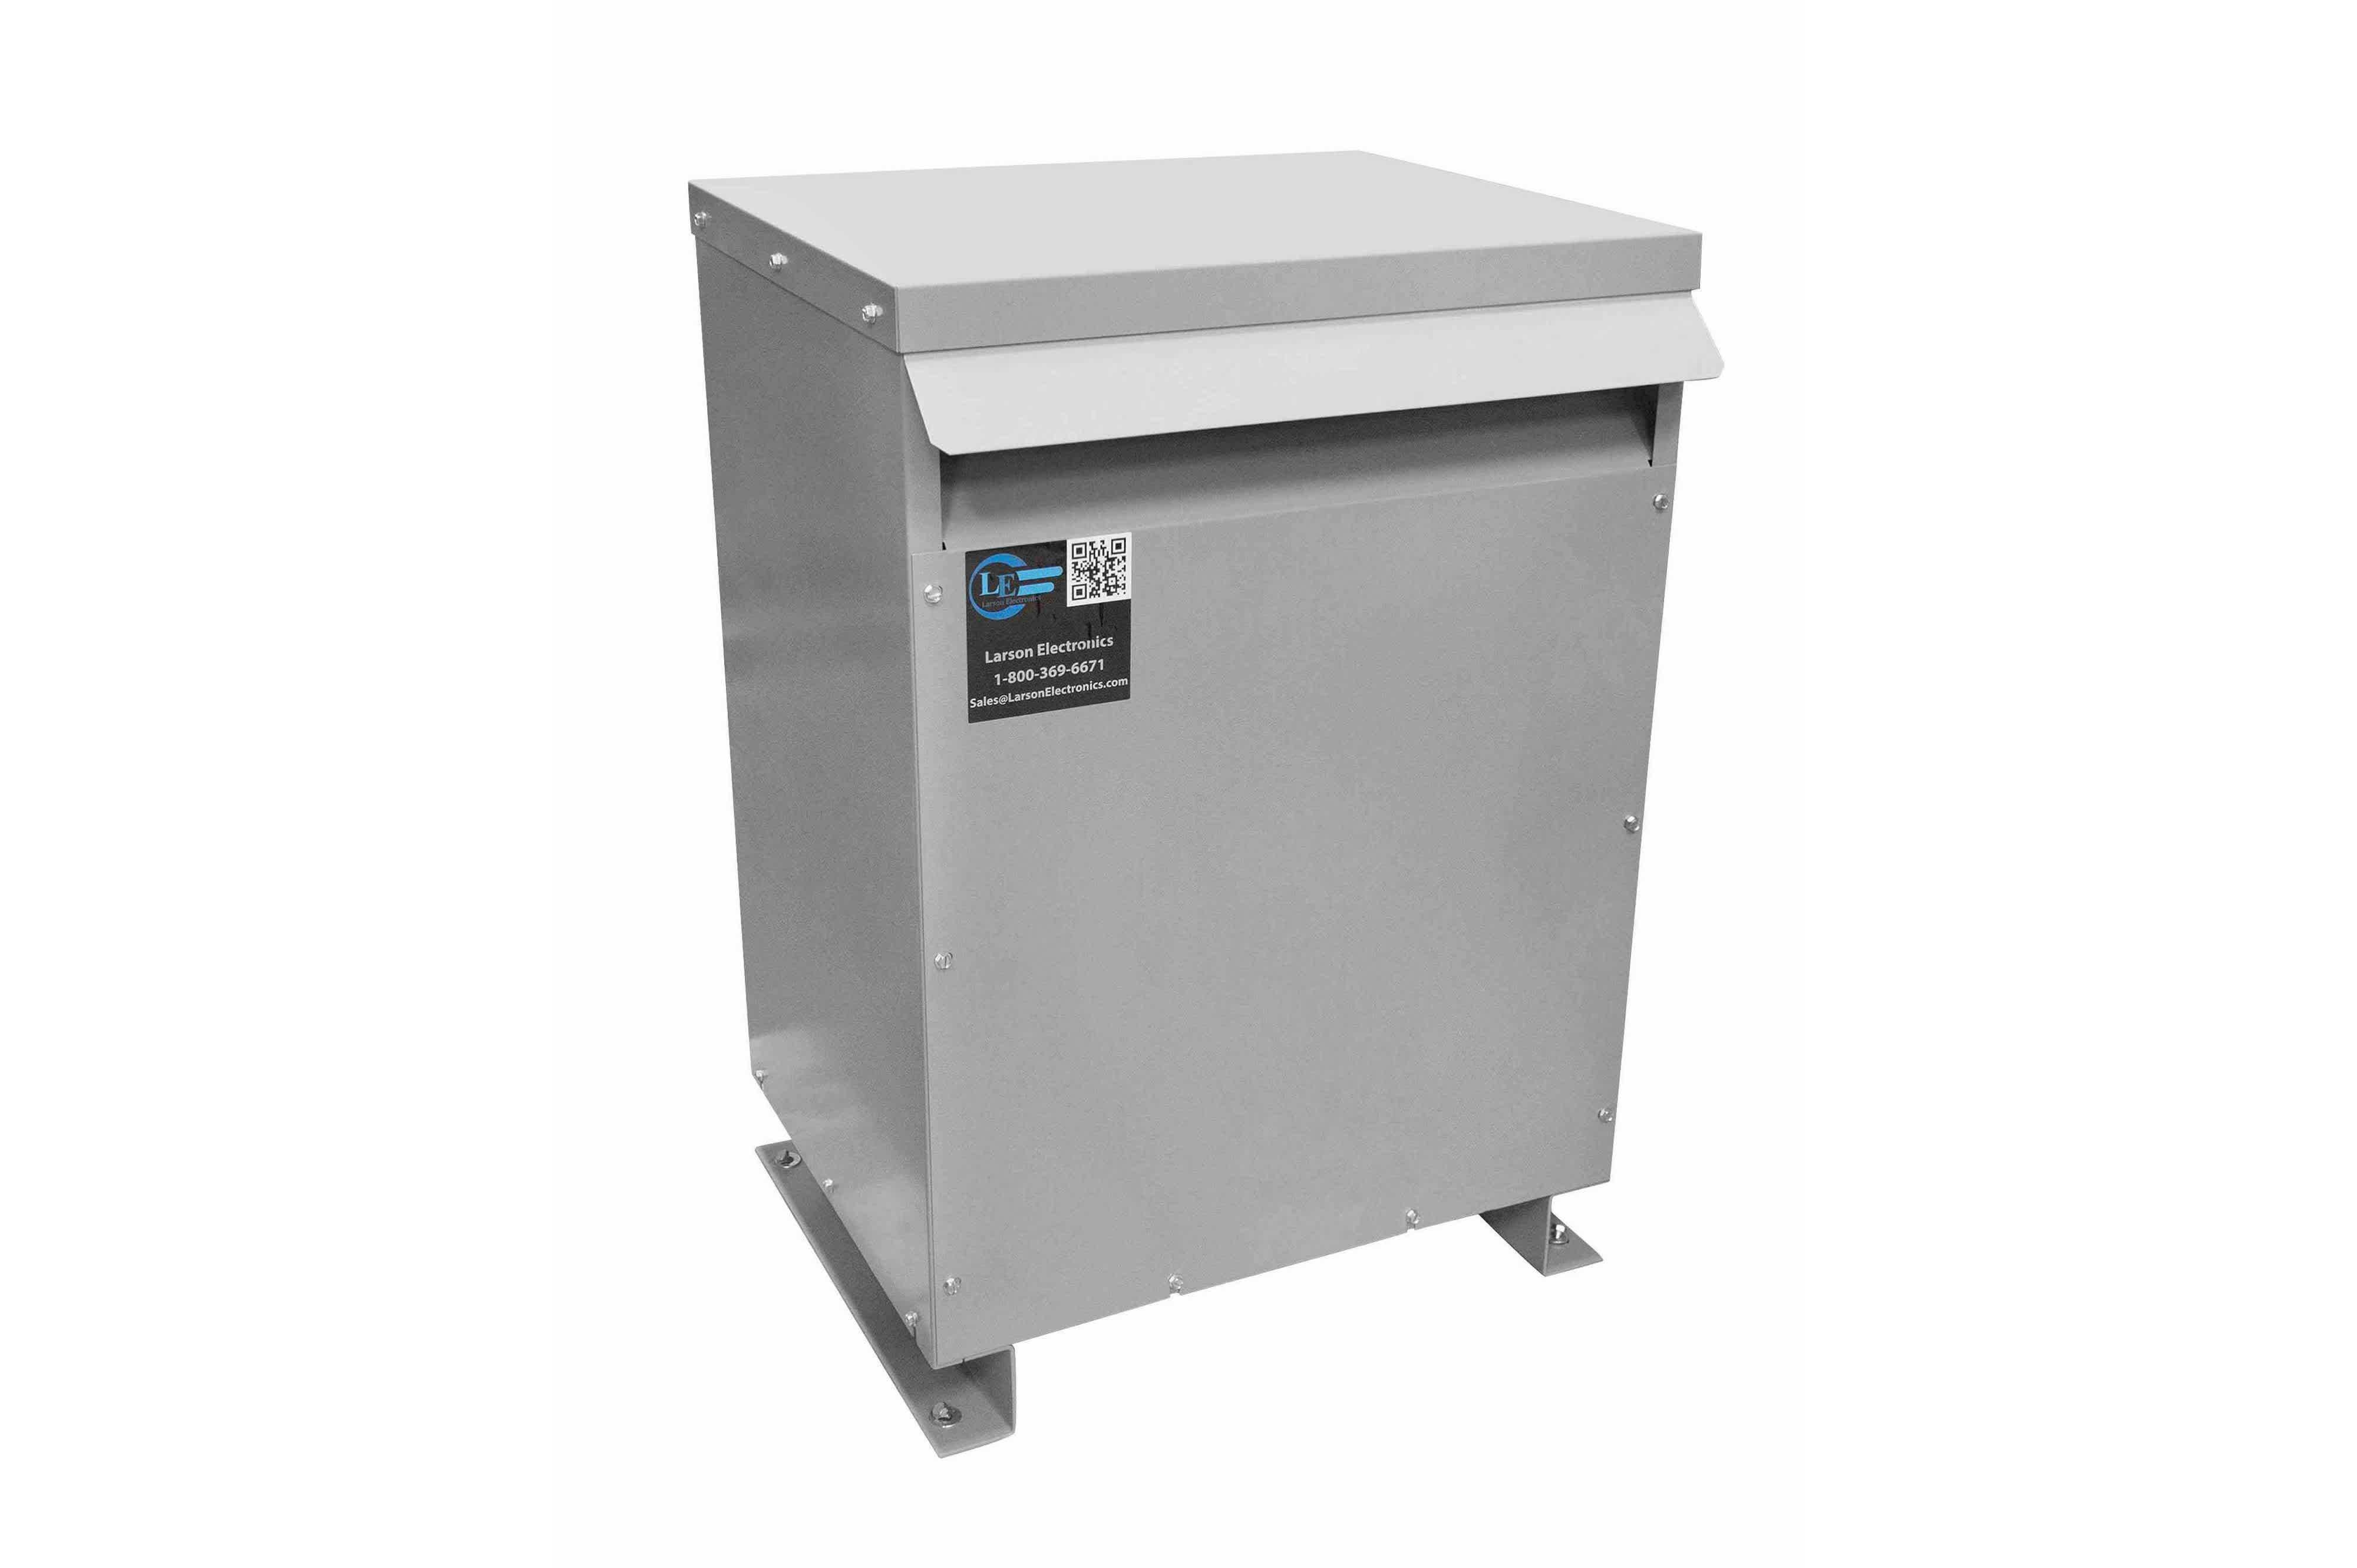 32.5 kVA 3PH Isolation Transformer, 600V Delta Primary, 240 Delta Secondary, N3R, Ventilated, 60 Hz